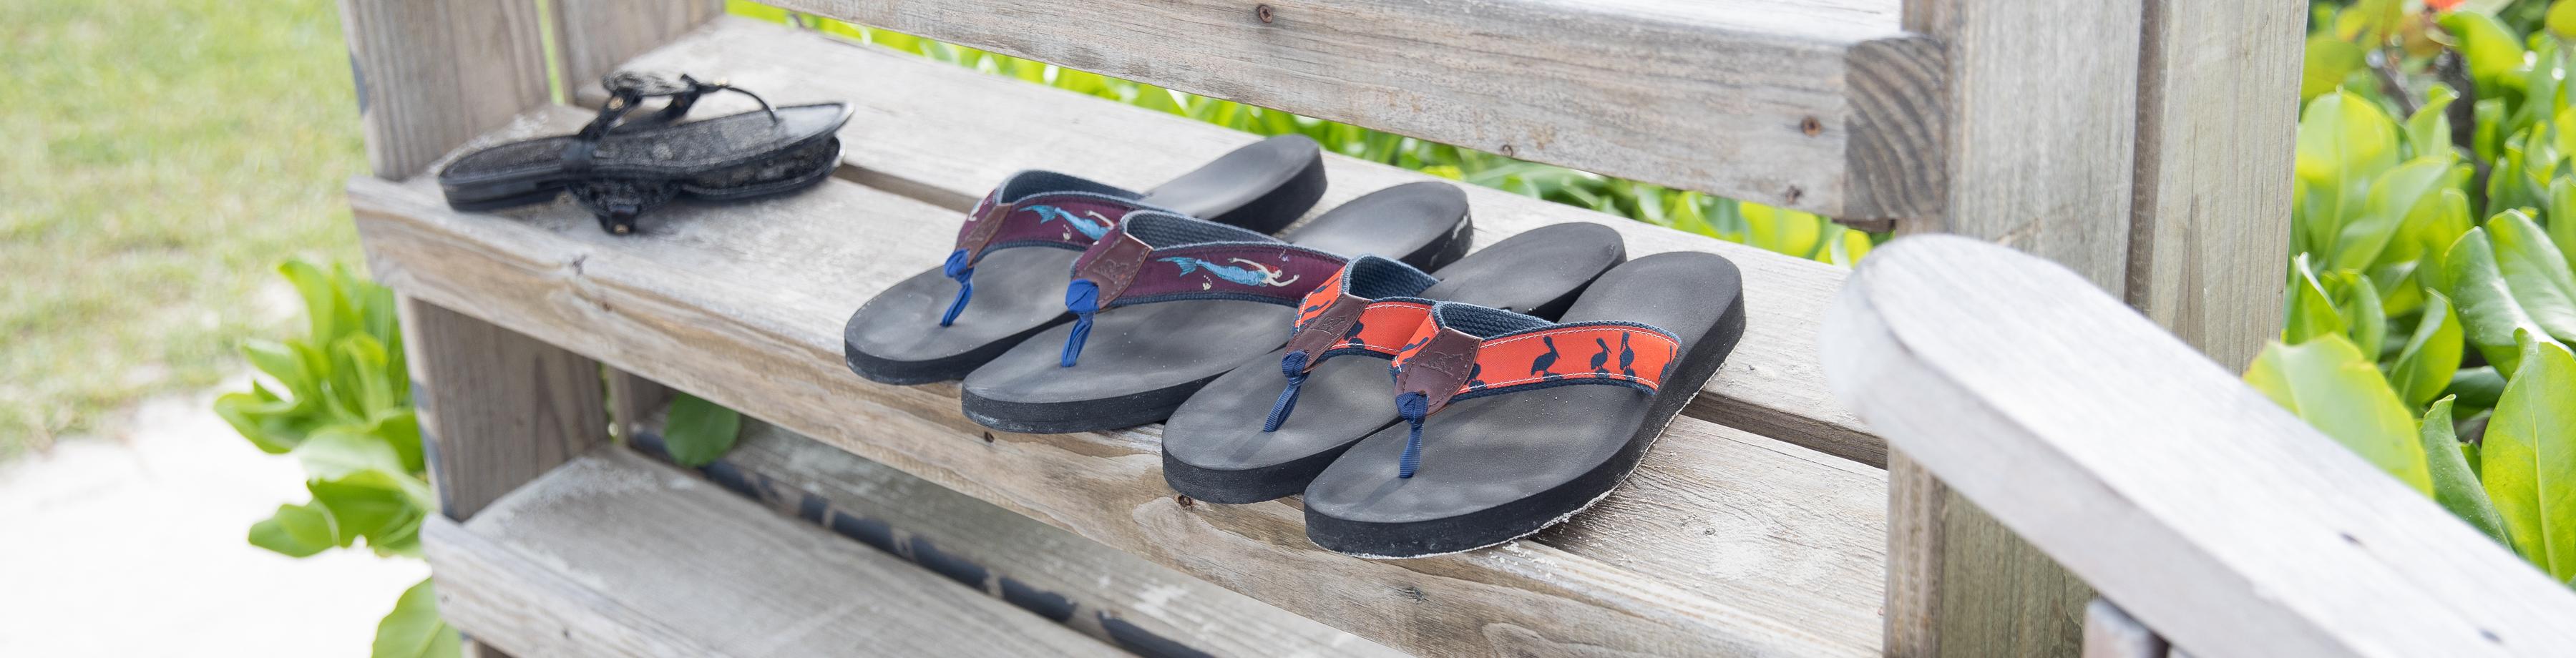 87aa92371 Flip Flops - Men s Flip-Flops - Belted Cow Company